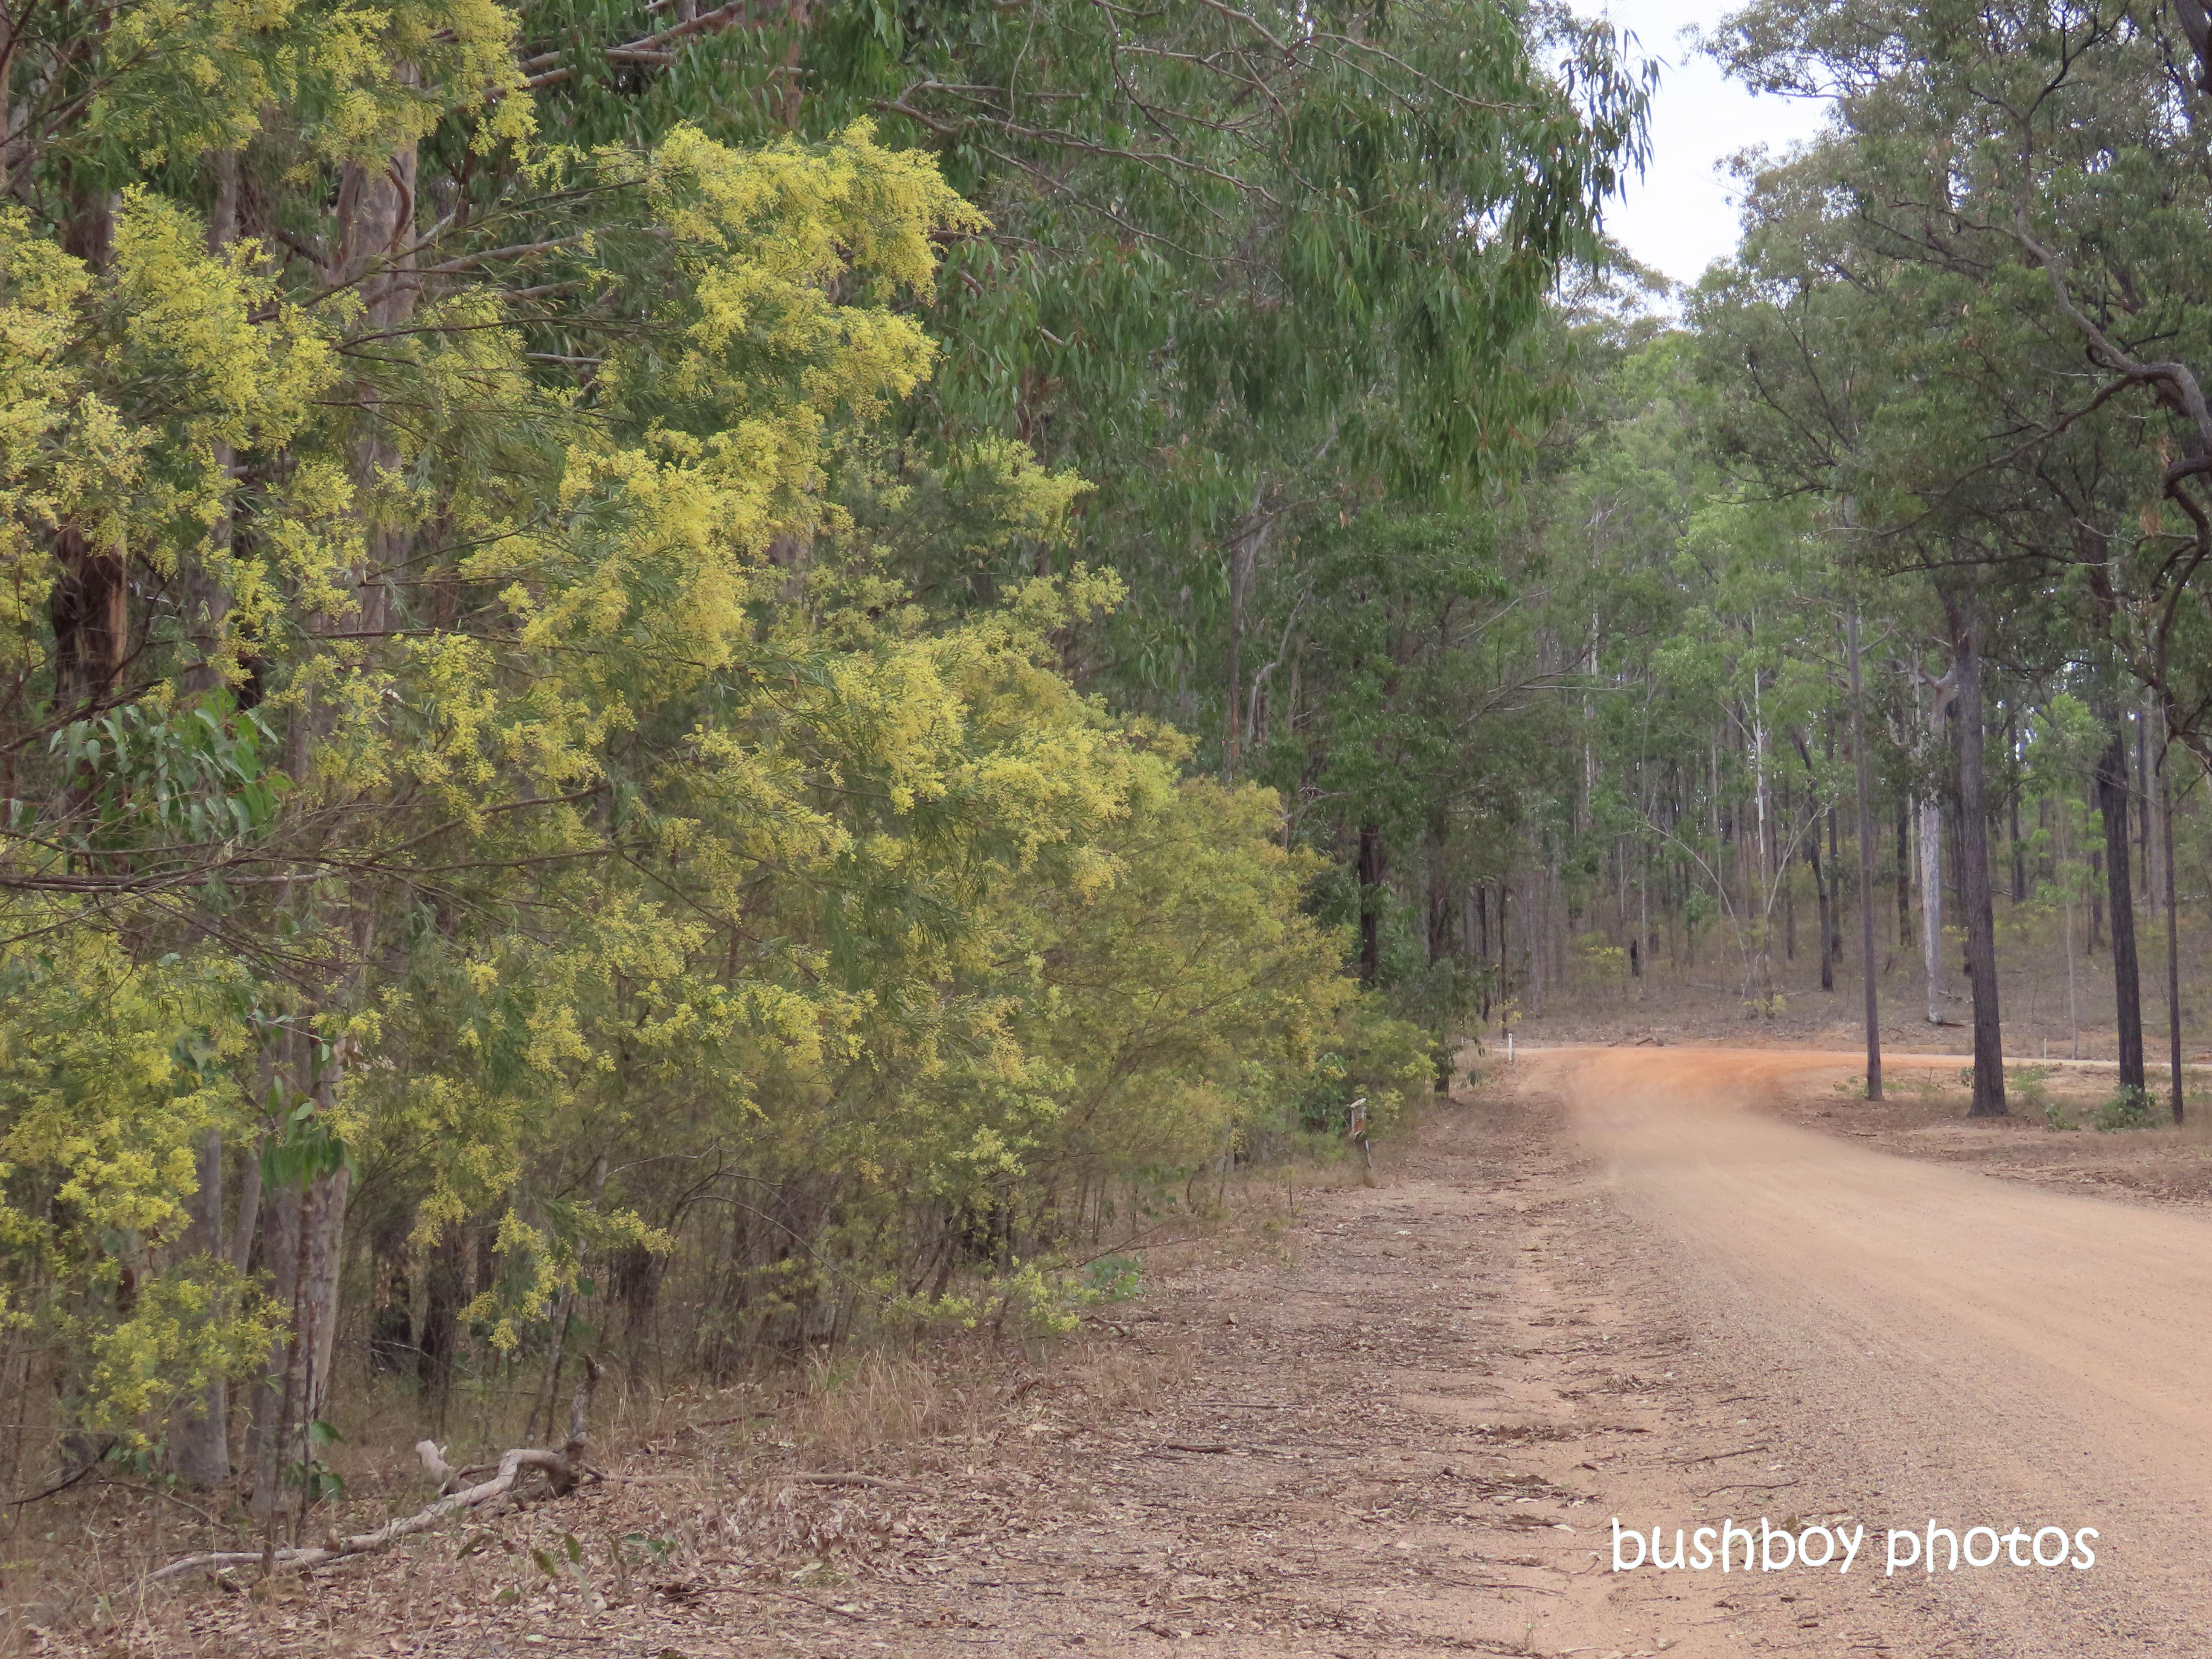 190808_blog_challenge_which_way_wattles_duroux_road